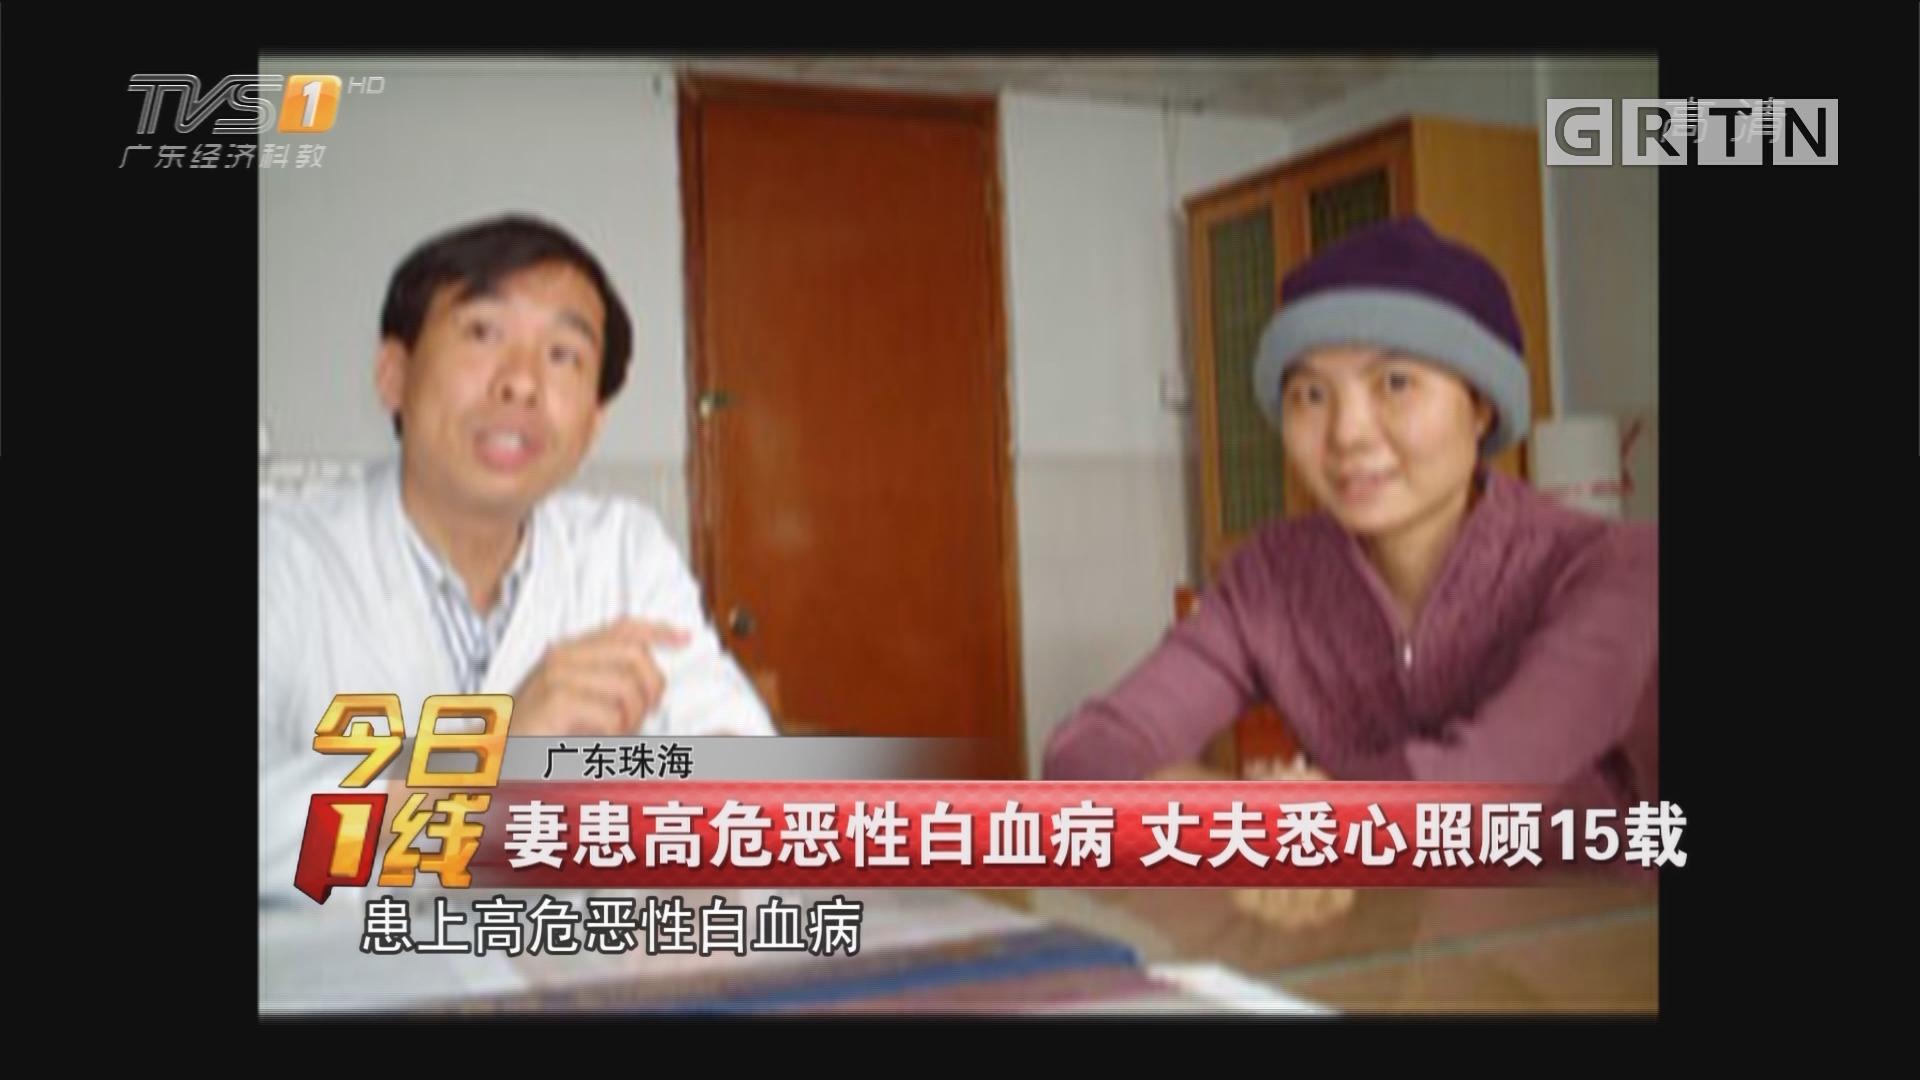 广东珠海:妻患高危恶性白血病 丈夫悉心照顾15载